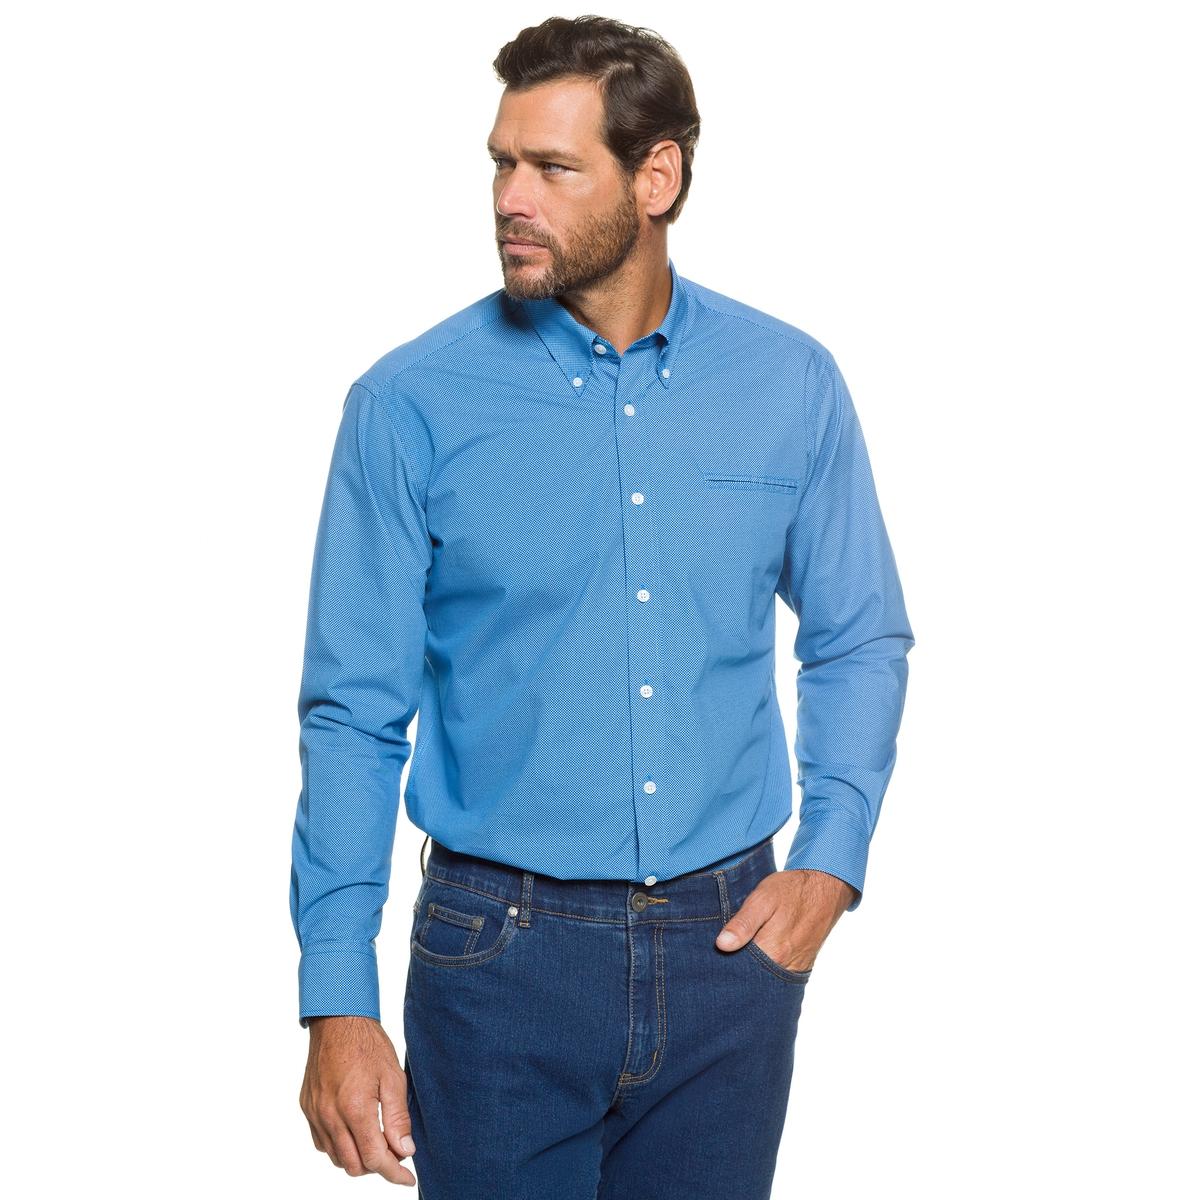 РубашкаРубашка в горошек JP1880, воротник с уголками на пуговицах, нагрудный карман. Удобный покрой. 100% хлопок. Длина в зависимости от размера 82-96 см<br><br>Цвет: синий